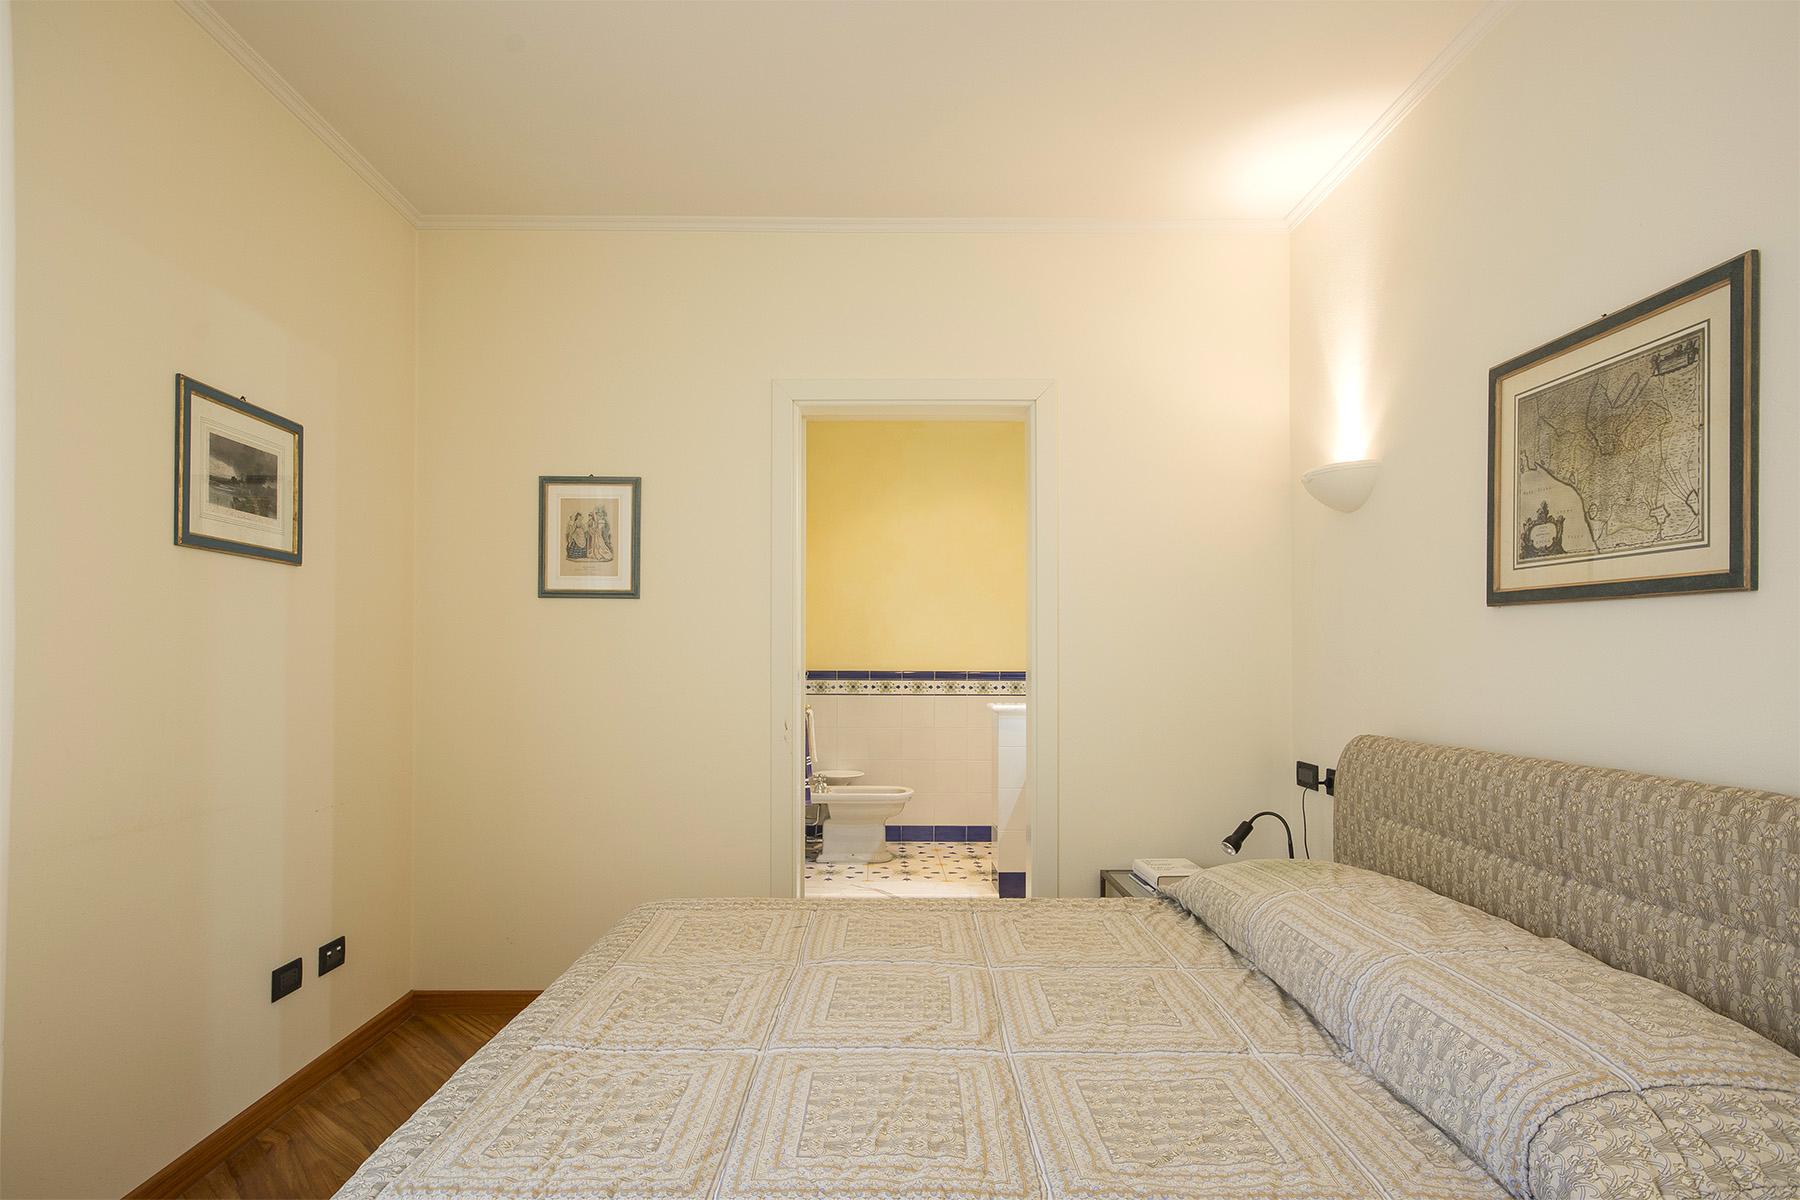 Casa indipendente in Vendita a Lucca: 5 locali, 300 mq - Foto 10